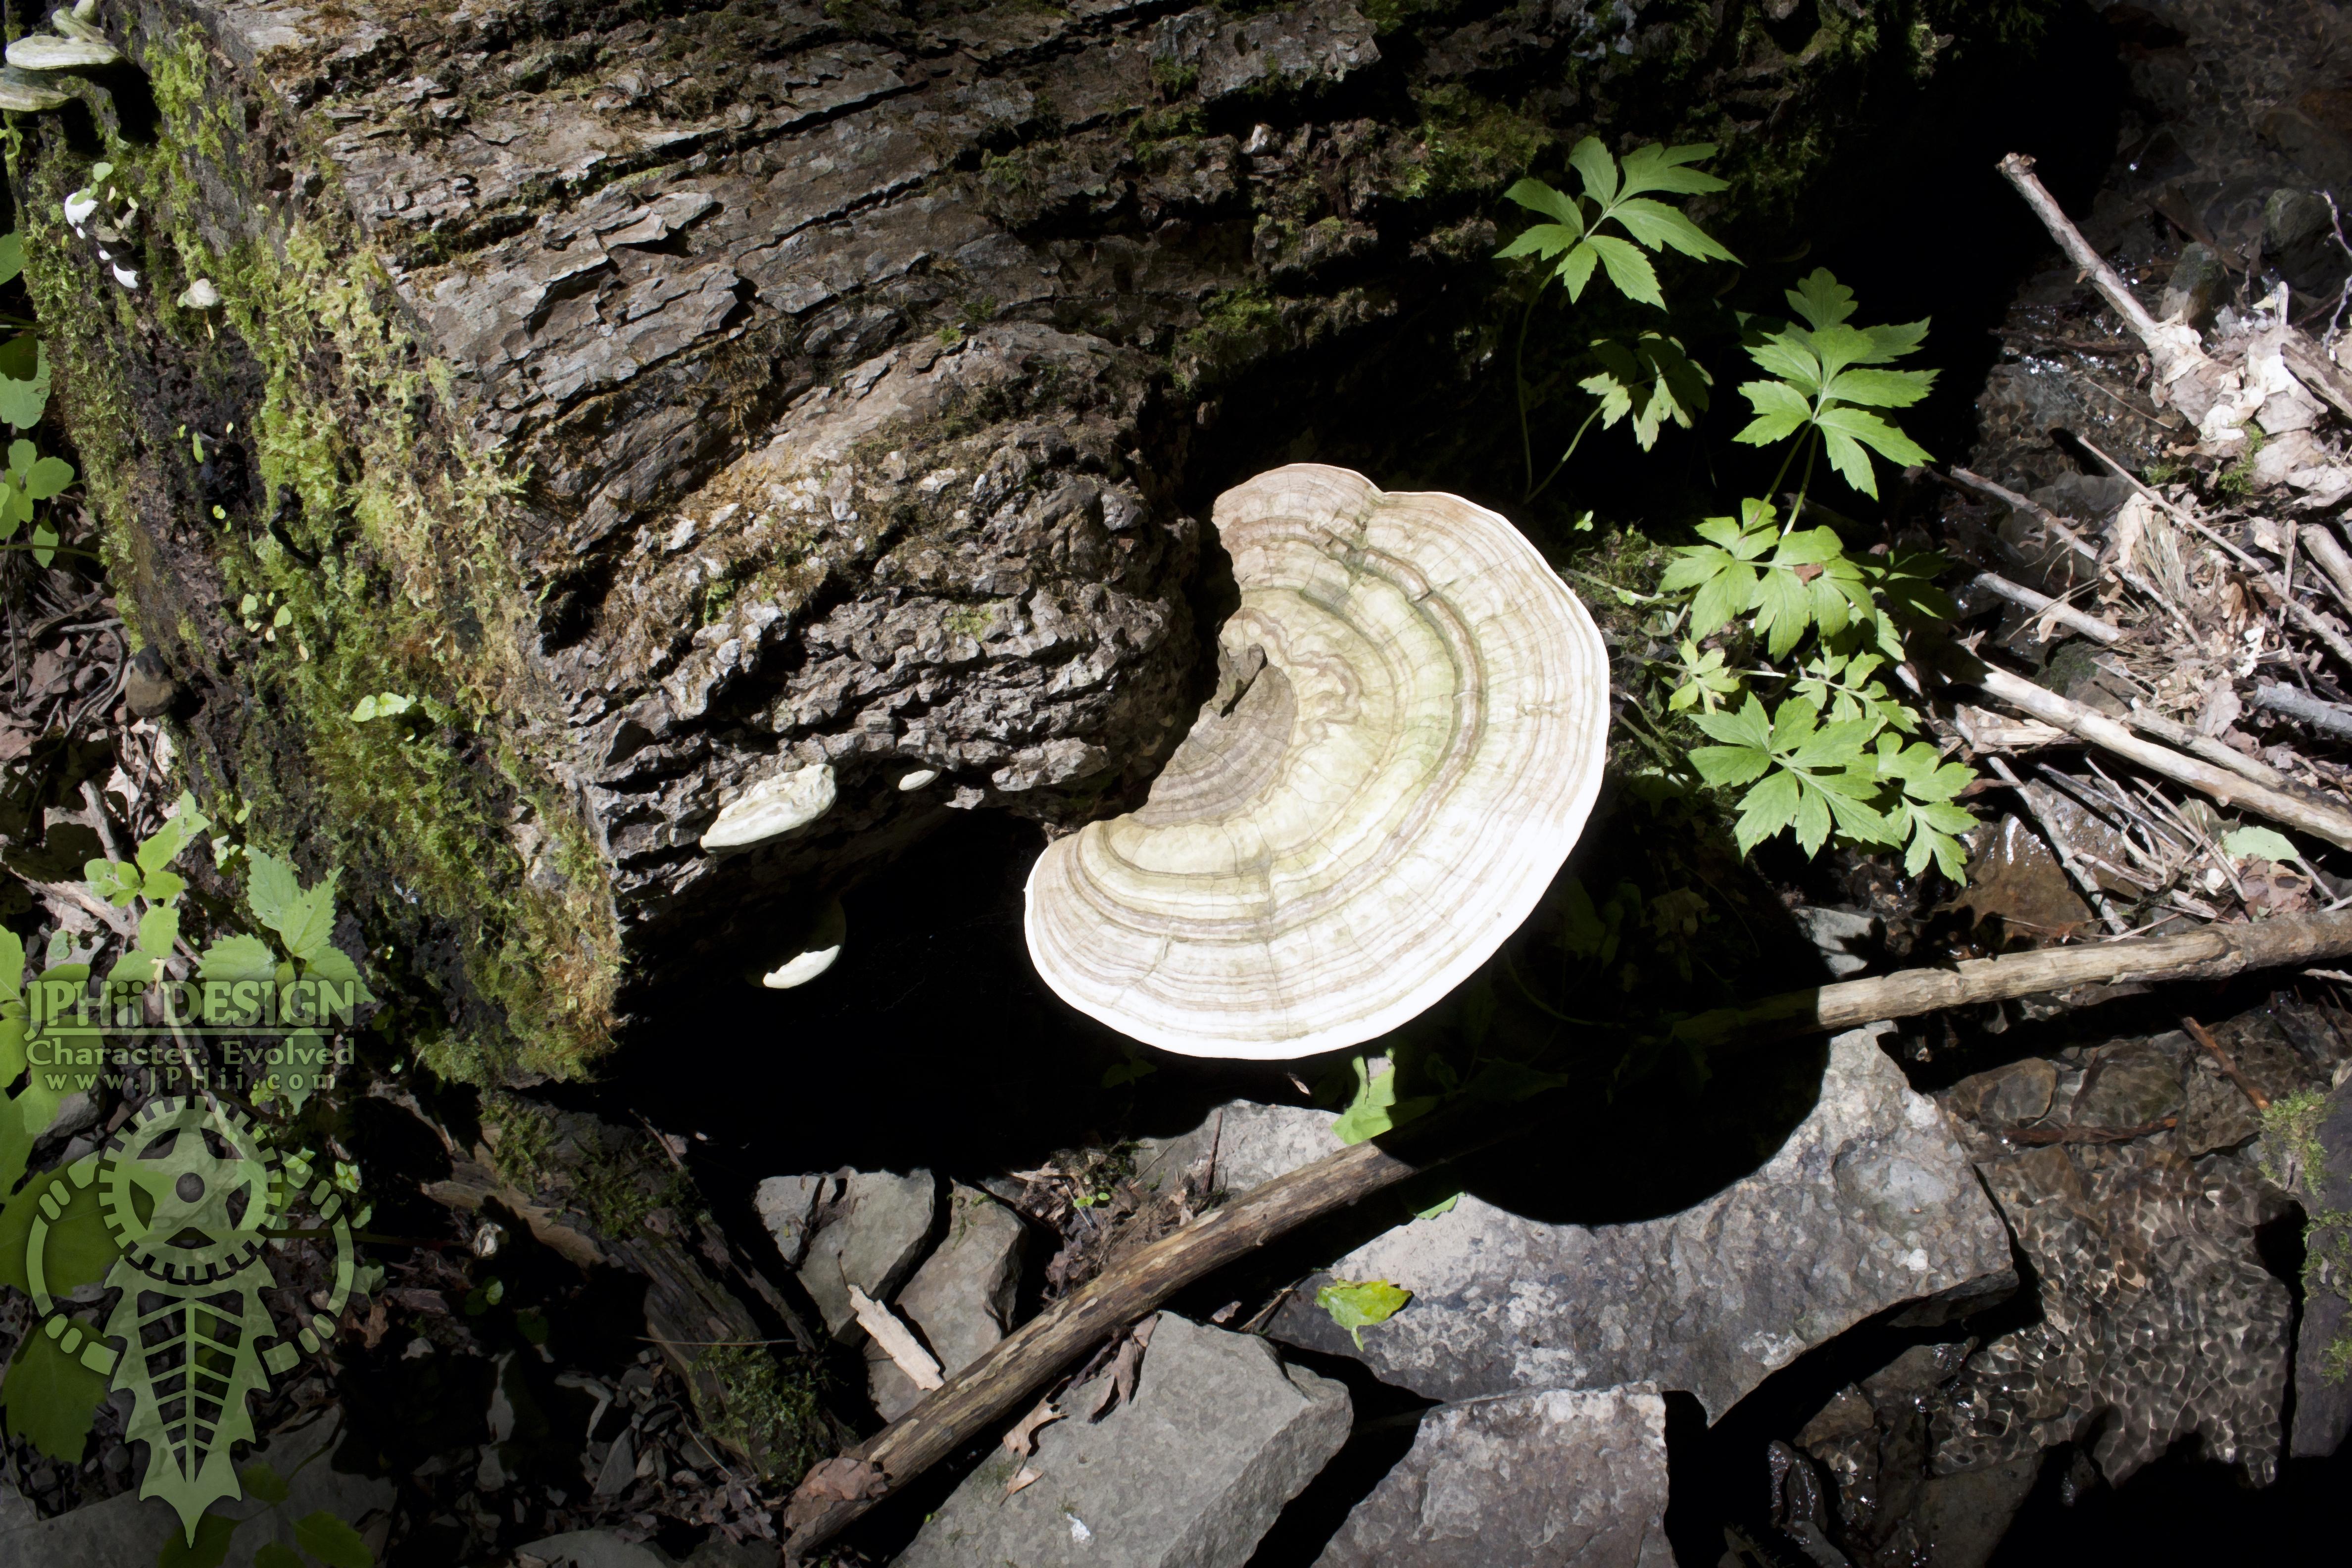 Mushroom on a Log